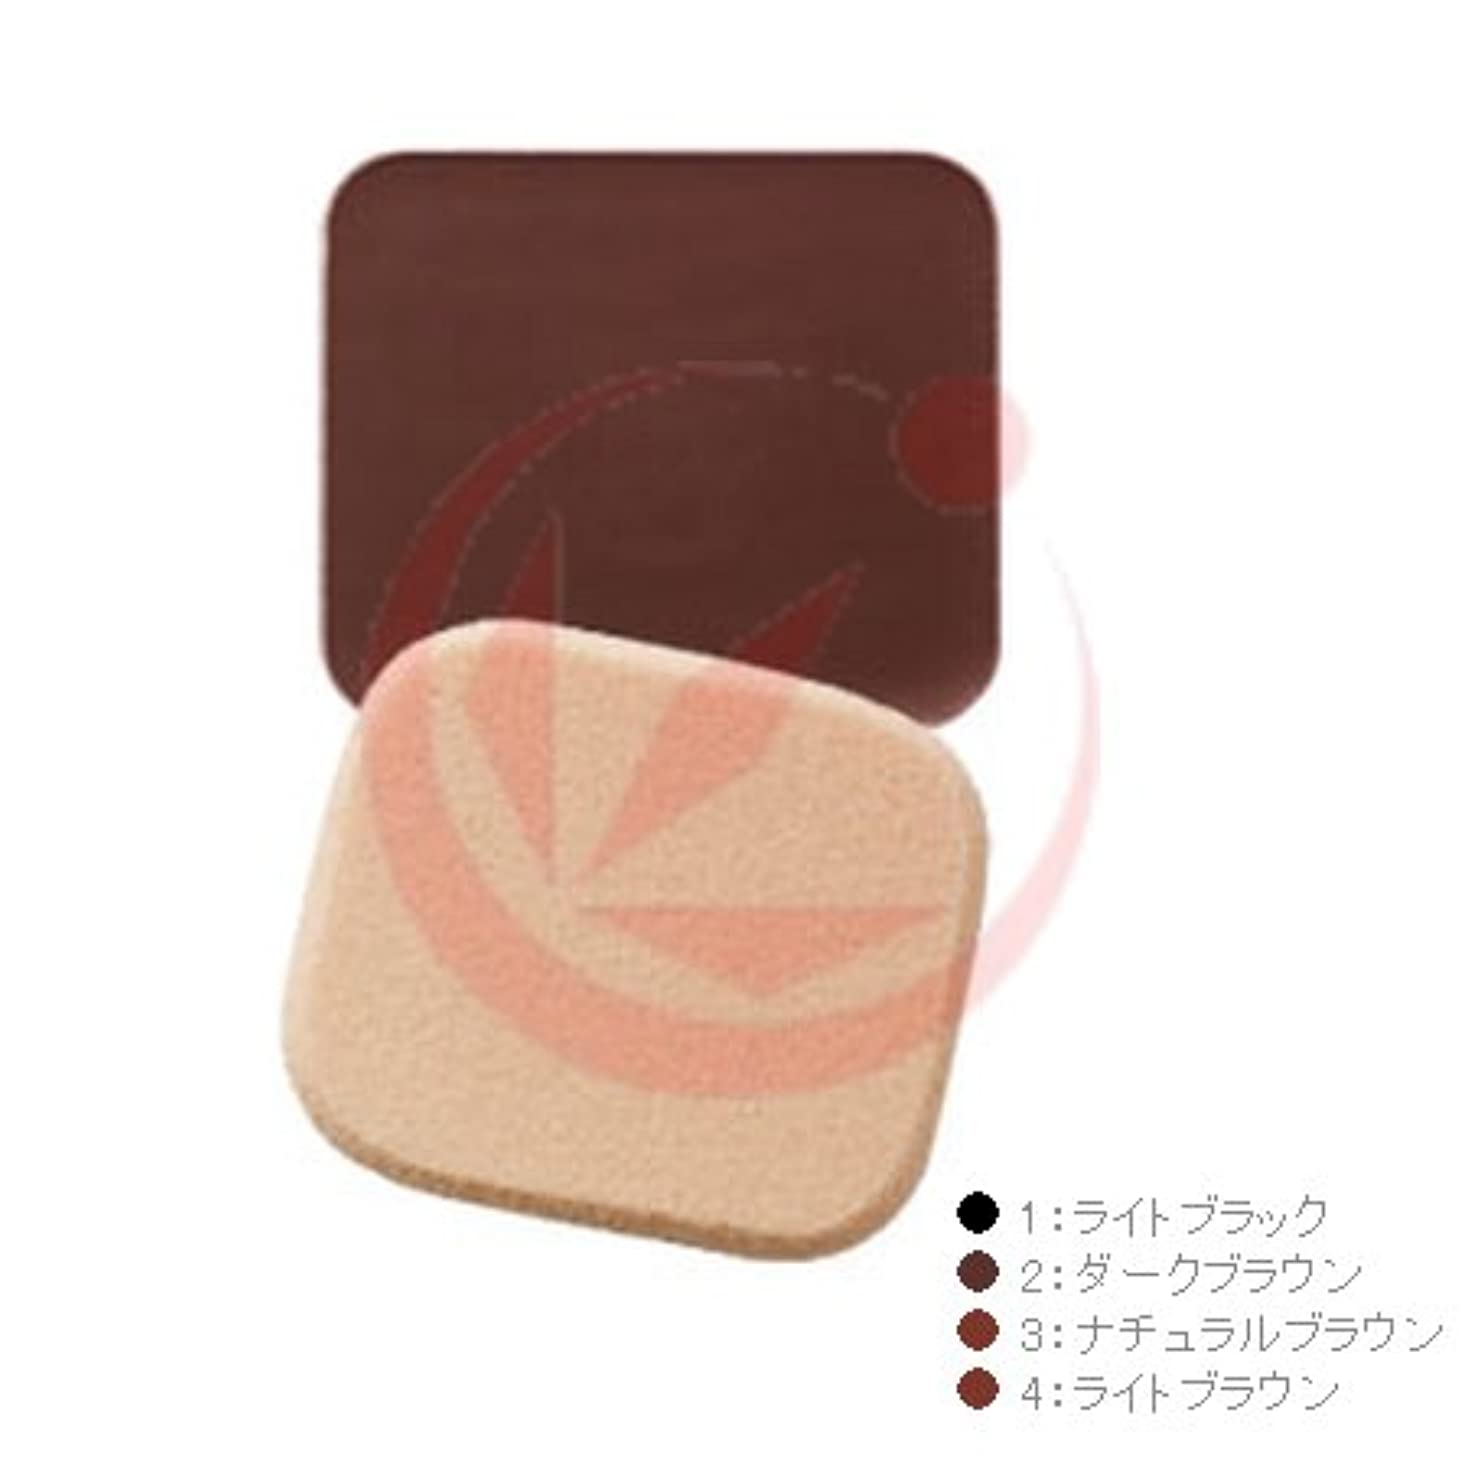 胸飲料コンパイルイリヤ 彩(いろどり) ヘアファンデーション 13g 詰替用 パフ付 ライトブラウン